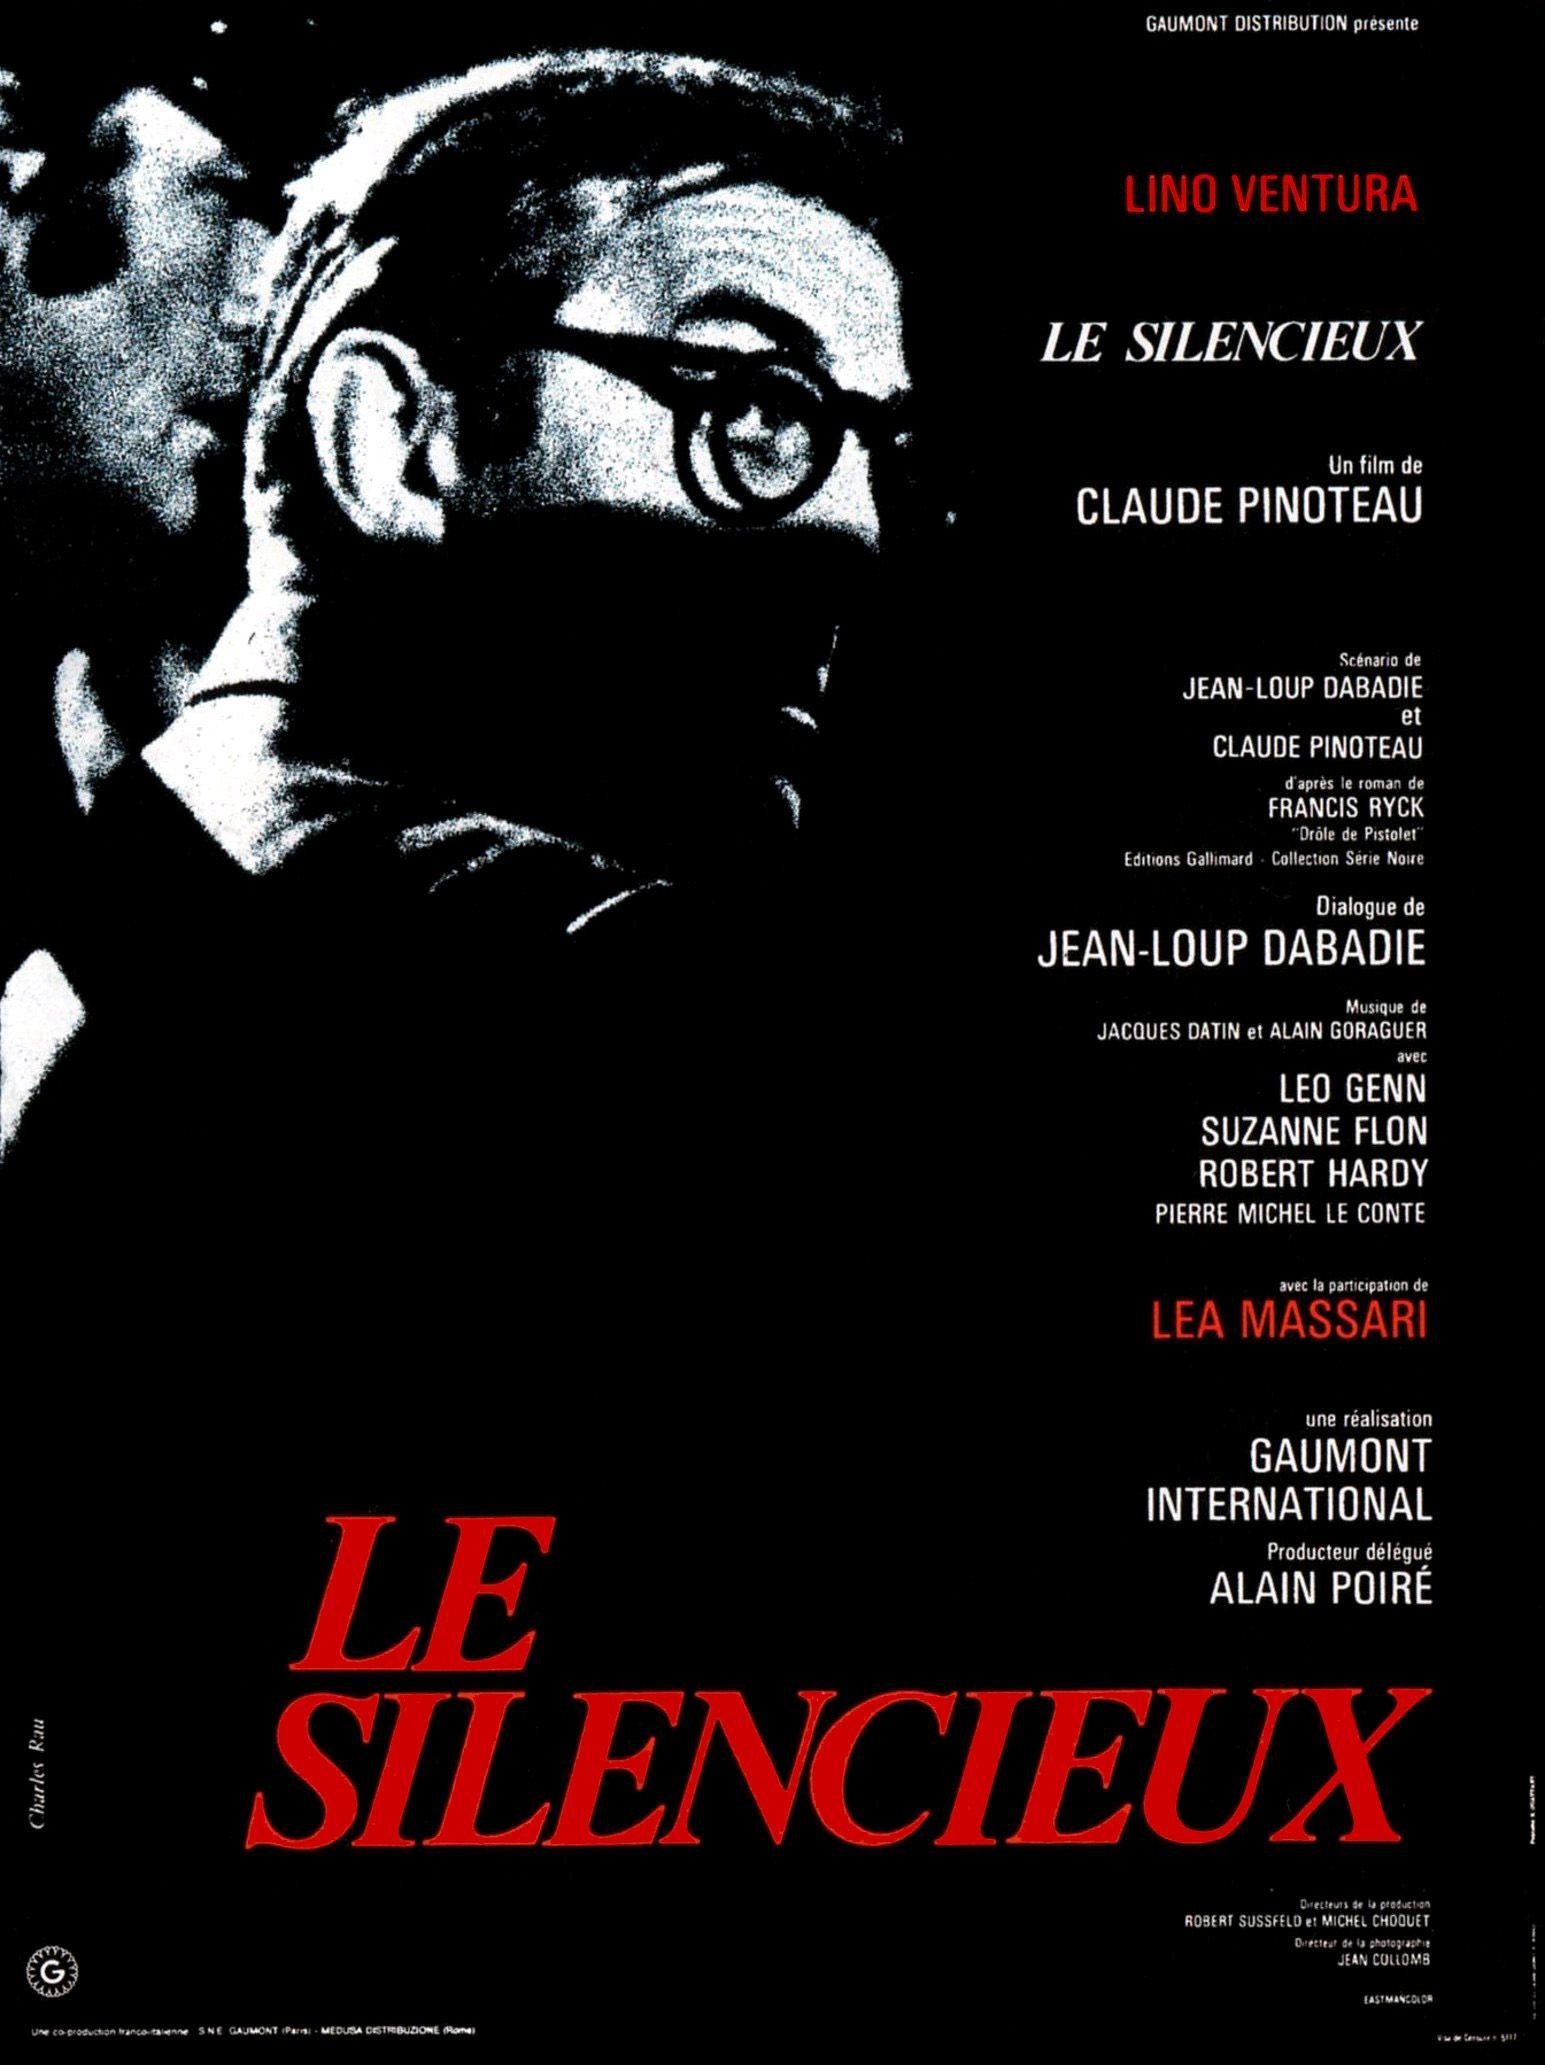 LE_SILENCIEUX-1